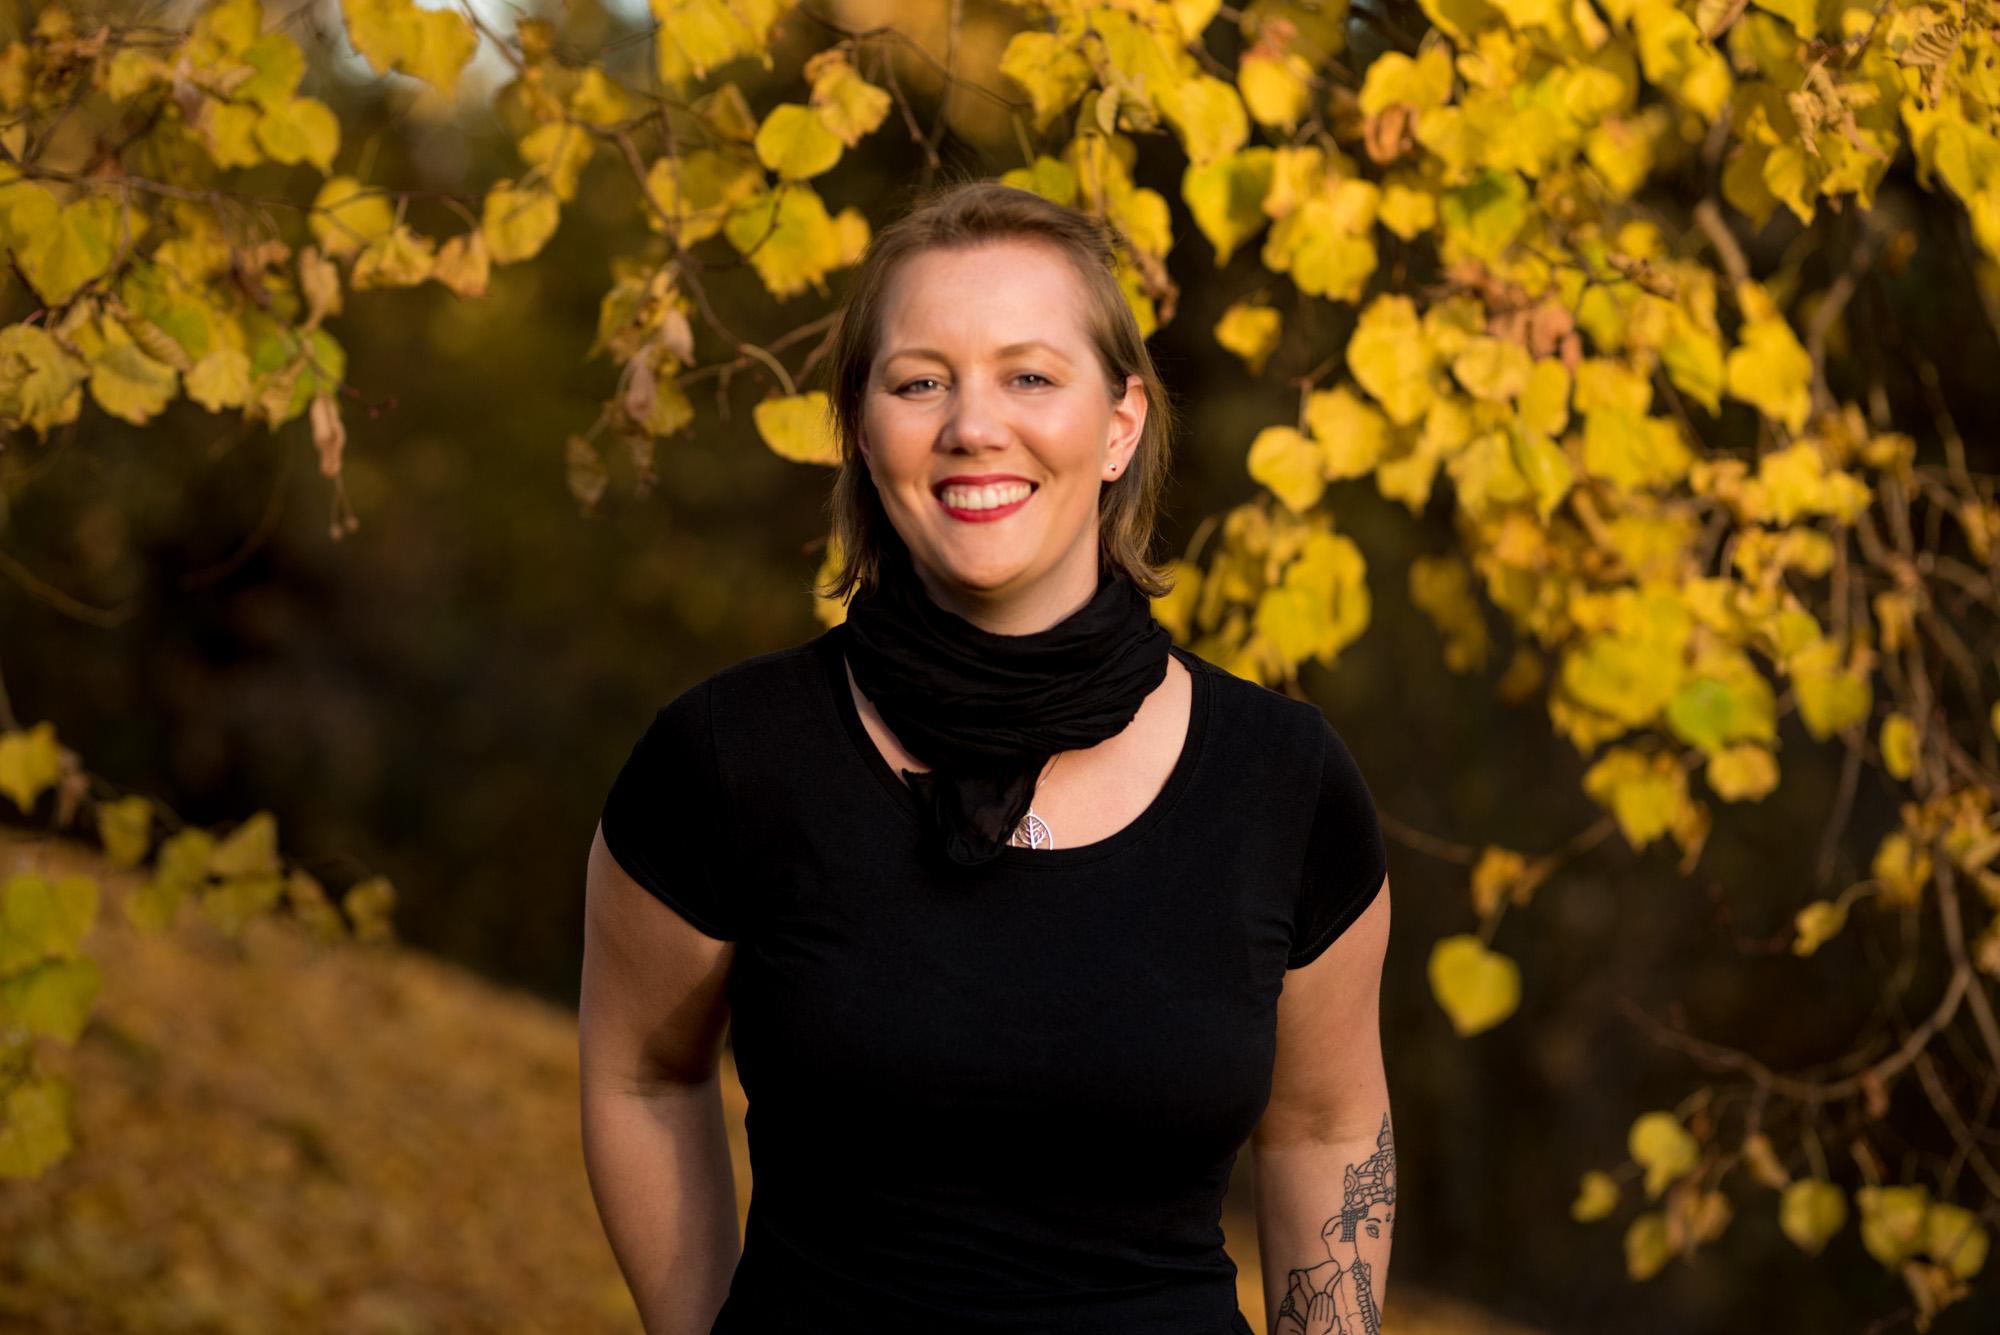 Folge #23 - Bewegung und Ernährung bei und nach Brustkrebs - Interview mit Christine Raab